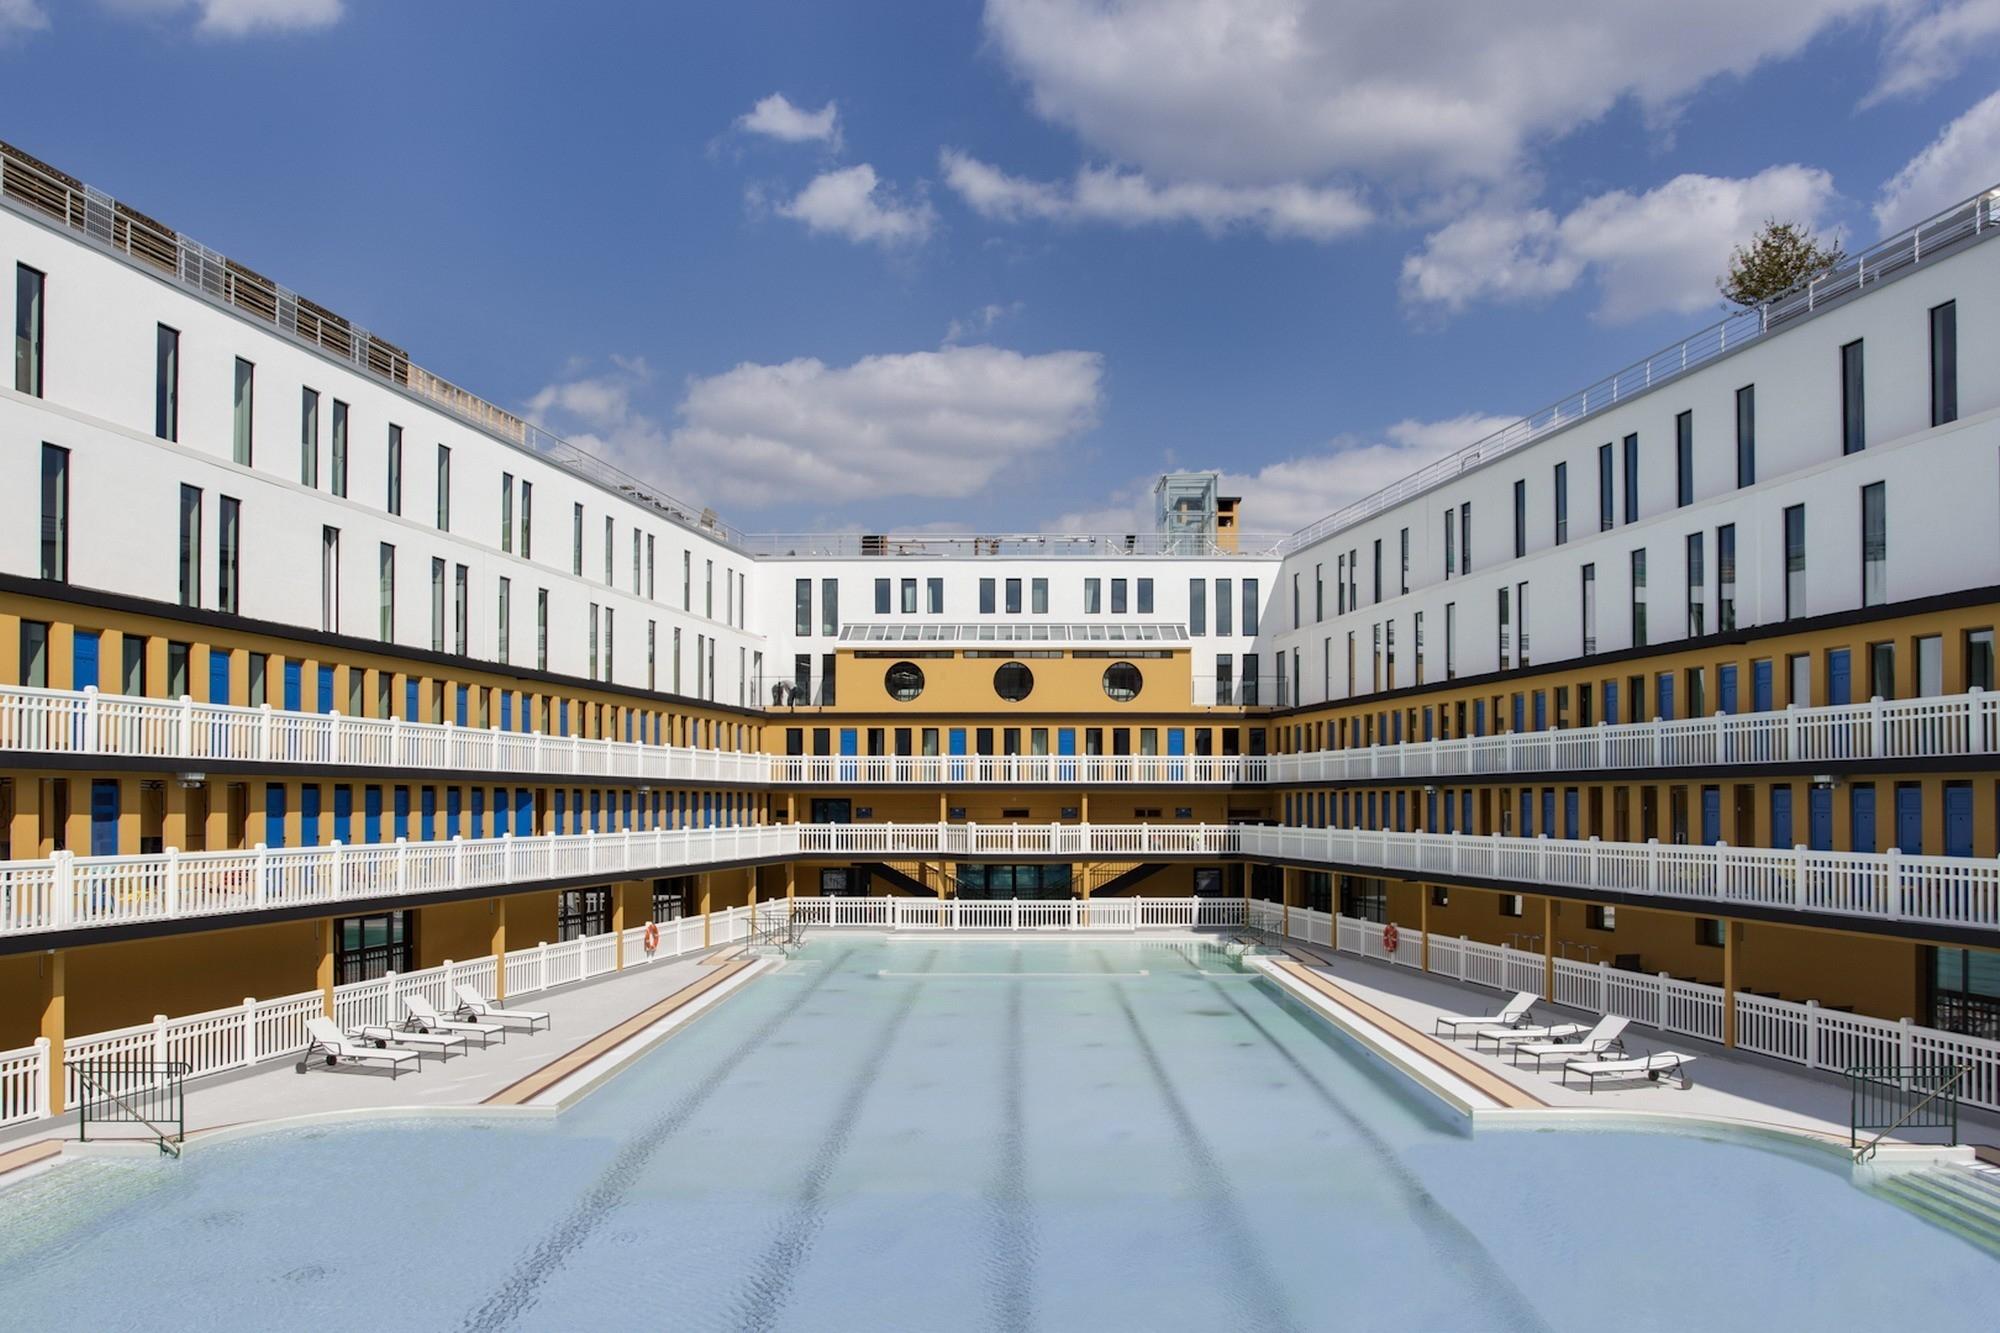 Molitor Hotel | Studio Jean-Philippe Nuel avec Restaurant Piscine Molitor